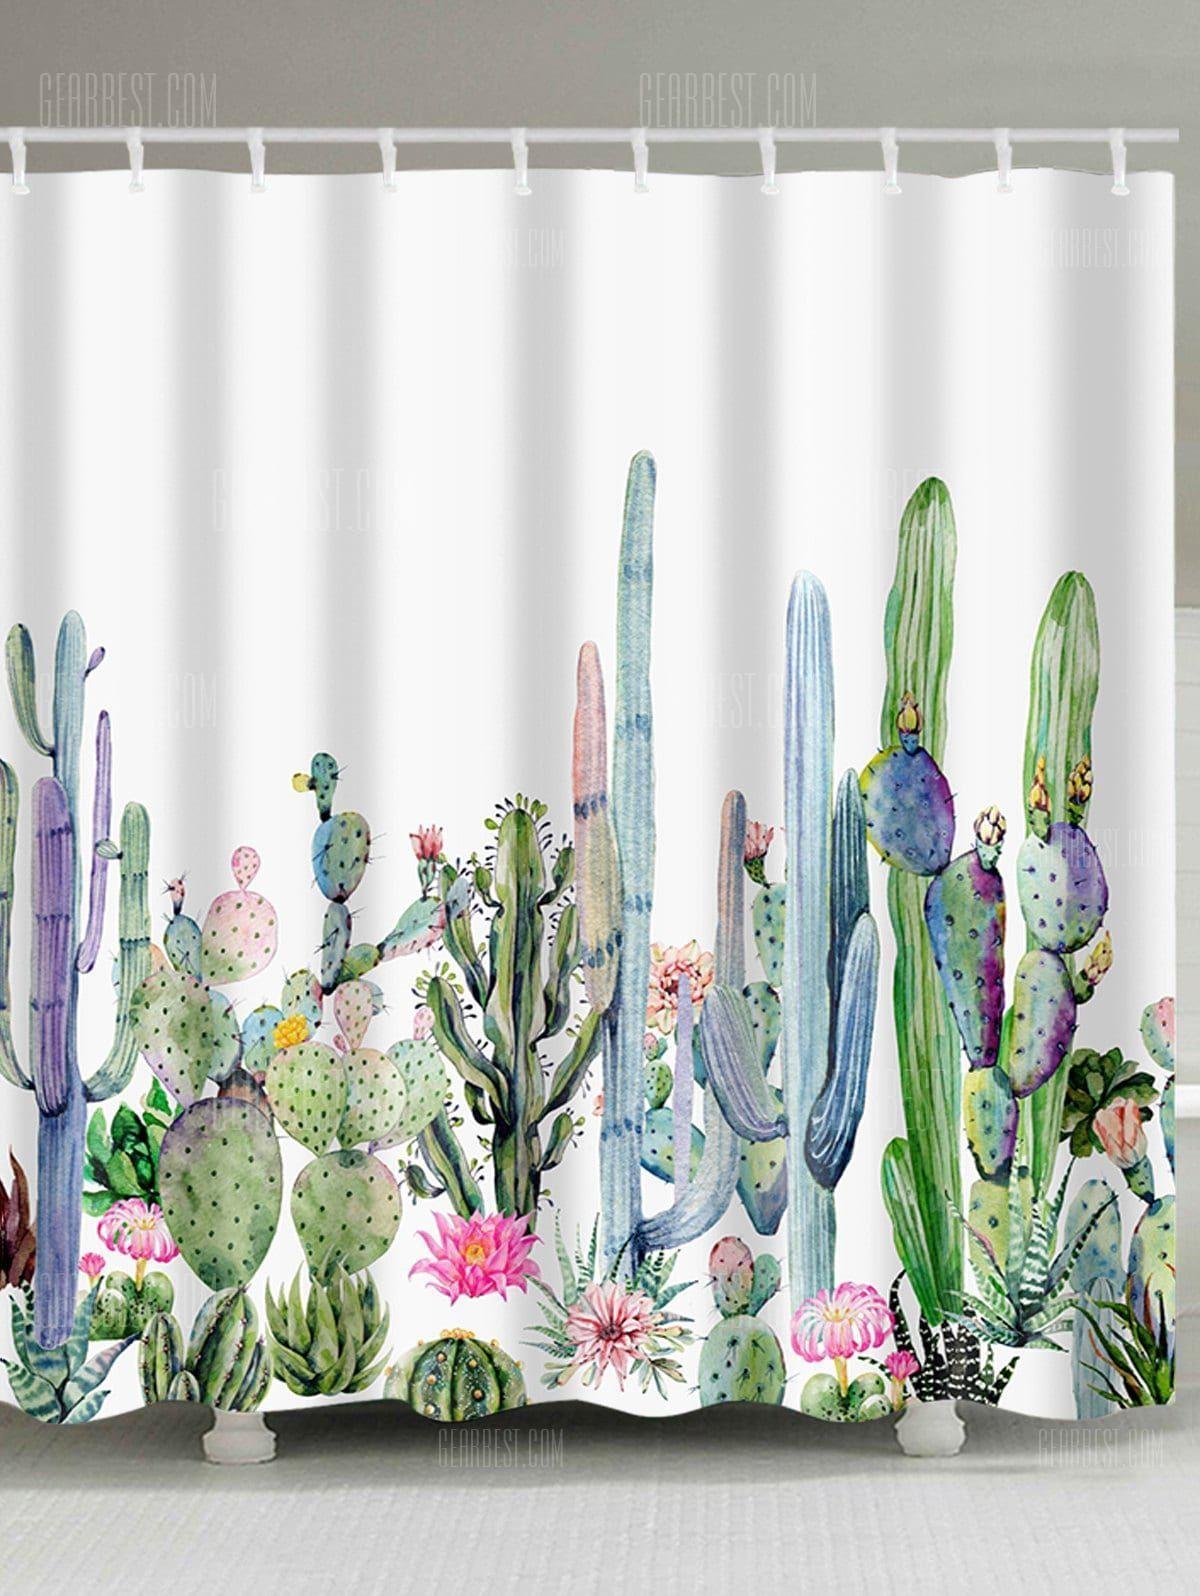 Fabric Shower Curtain Multi W59 Inch L71 Inch Window Treatments